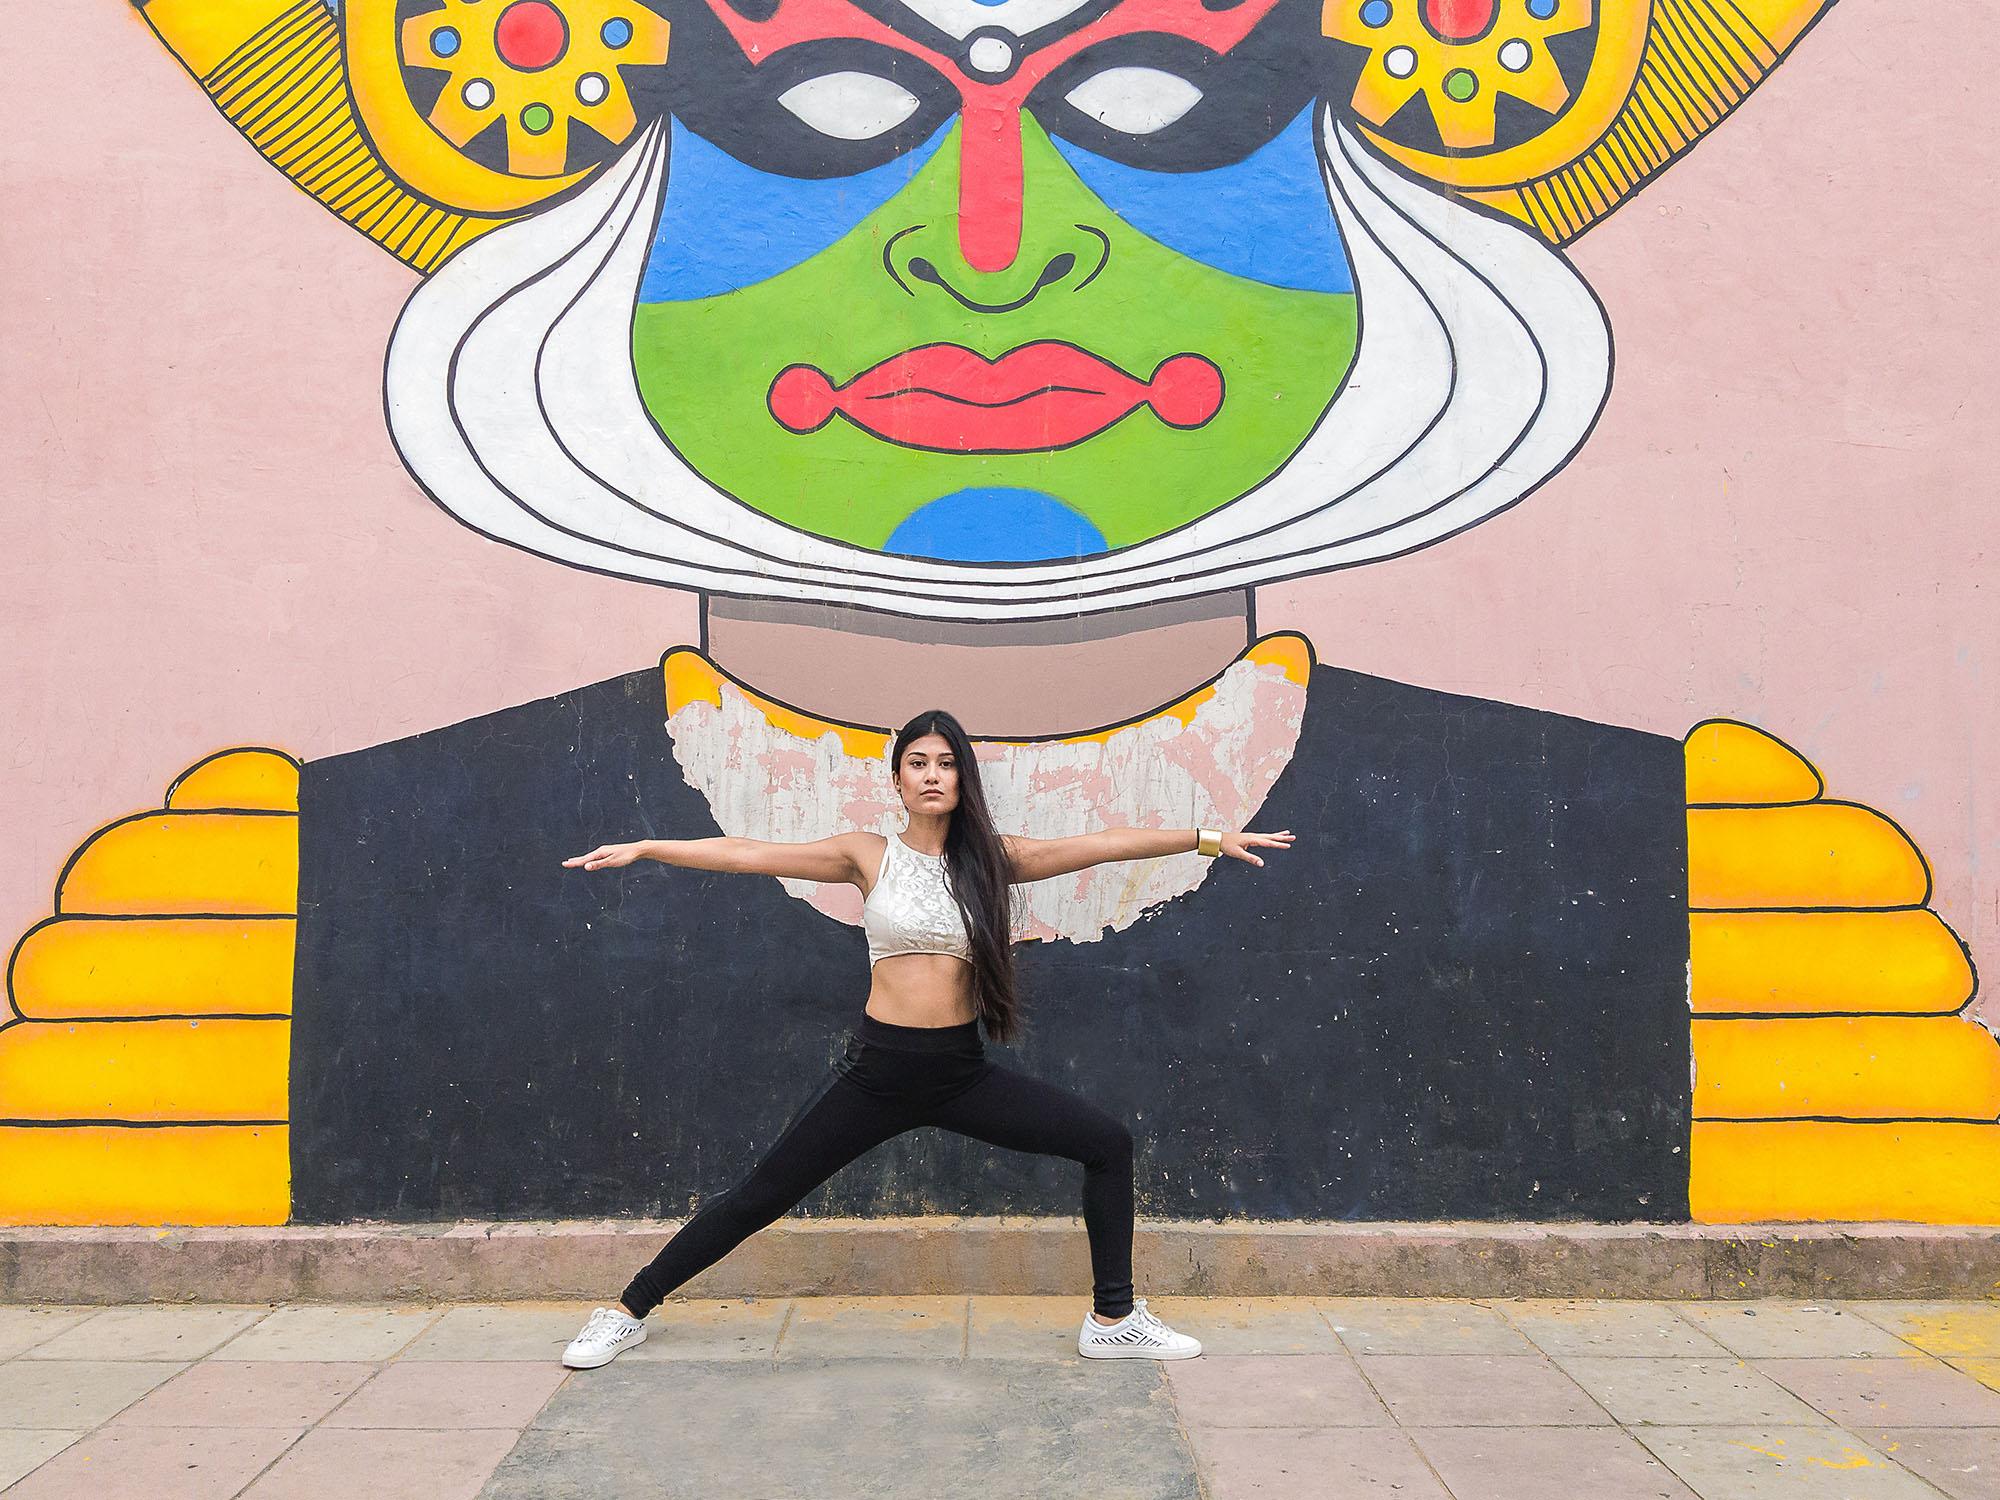 yog_9